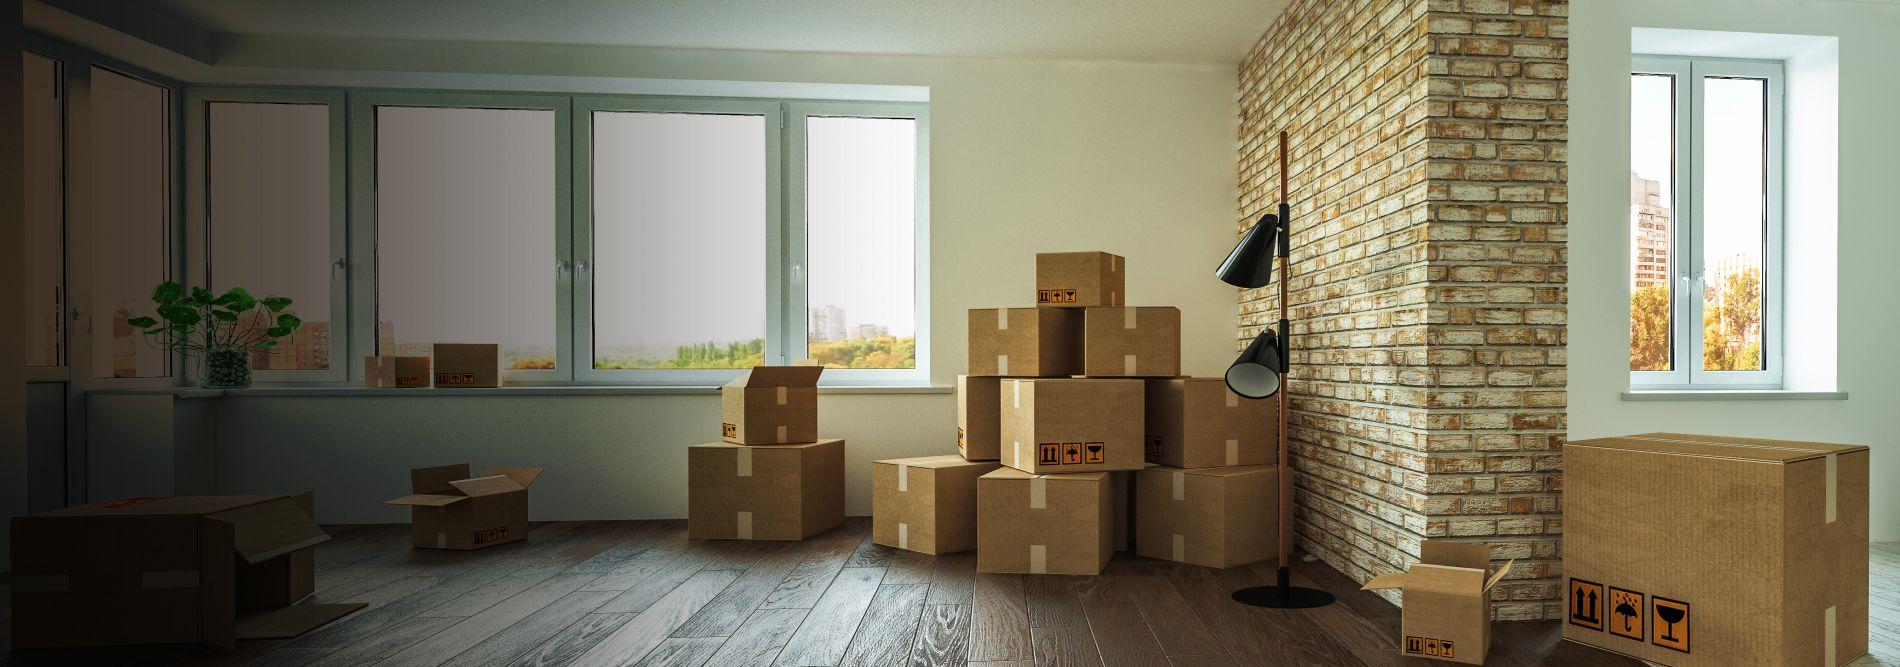 Кредит на жилье. Одобрение 92% в день звонка. Ставка от 5,7%. Ежемесячный платёж от 1394,7 р/мес.